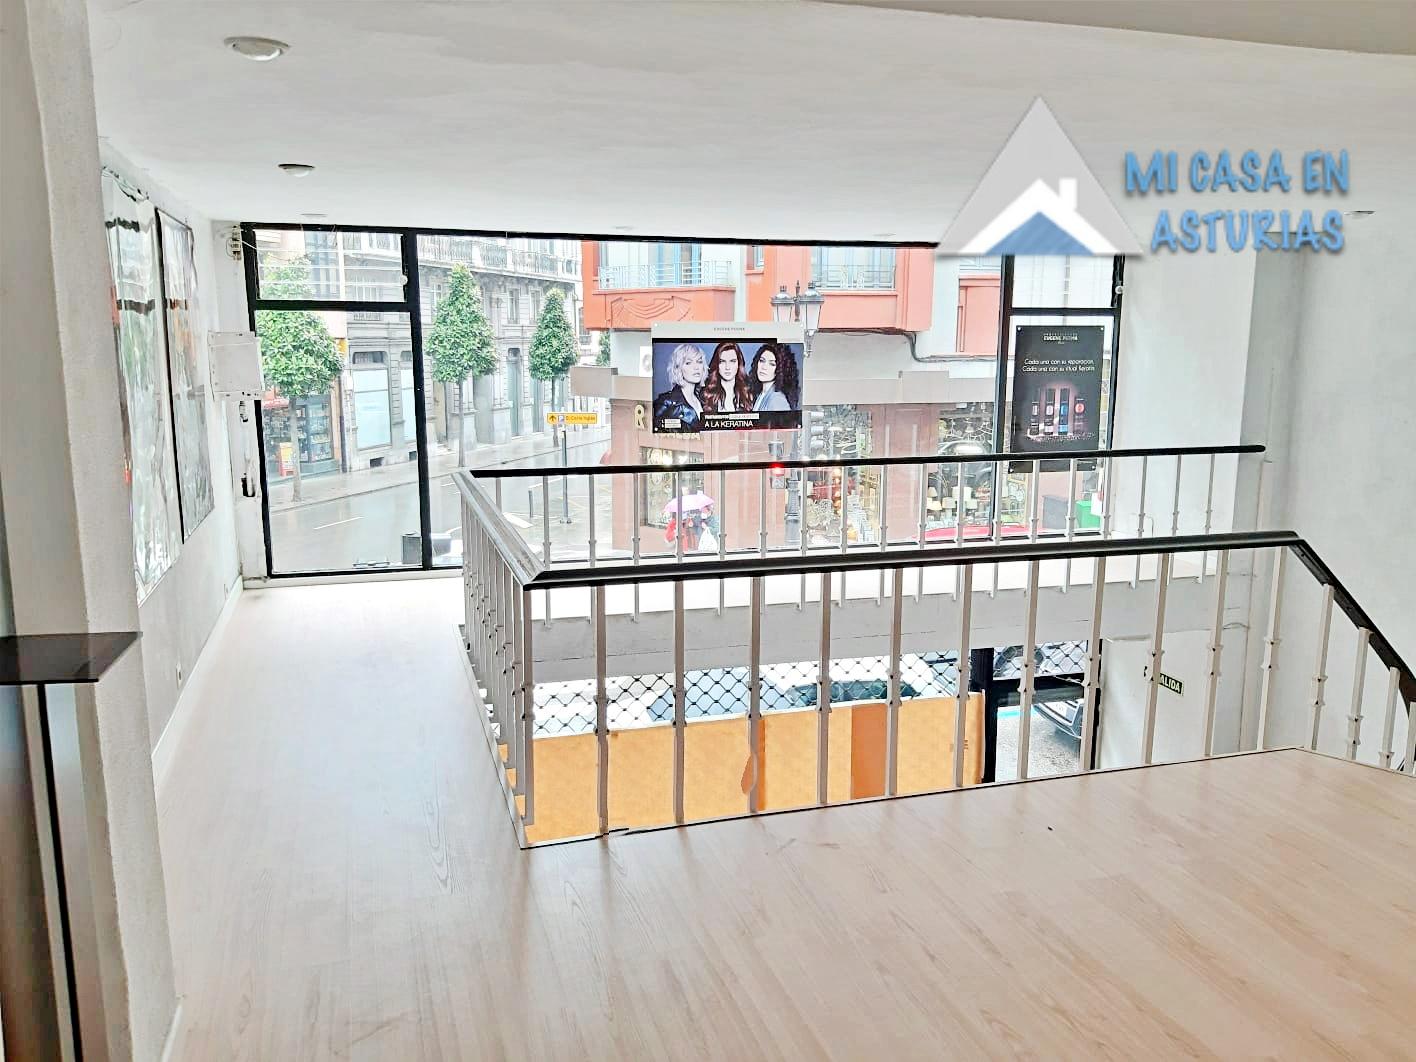 Alquiler de bonito Local Comercial ubicada en Zona Centro, en Oviedo.